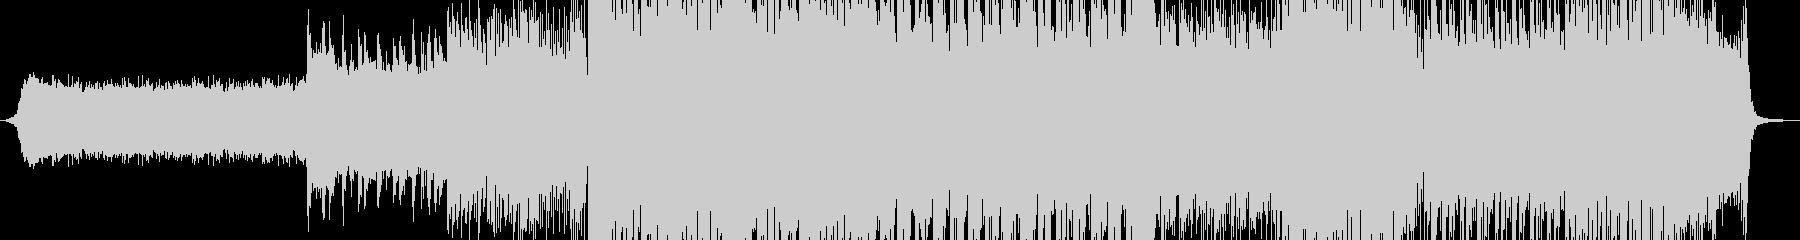 疾走感のある近代的なドラムンベースの未再生の波形